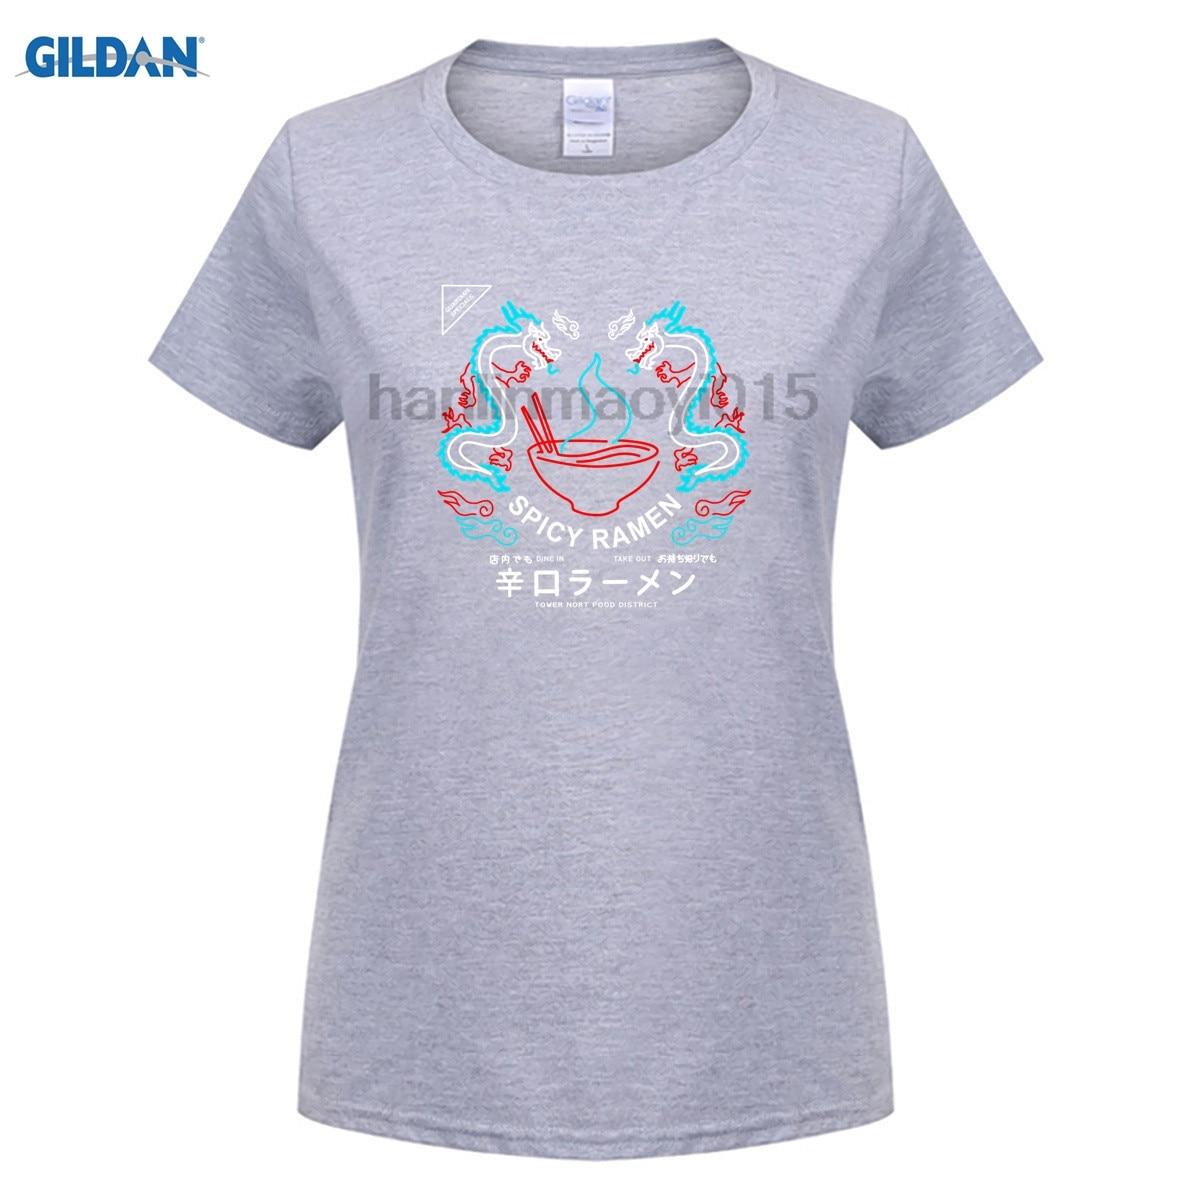 GILDAN 100% Cotton O-neck printed T-shirt Spicy Ramen T-Shirt for women